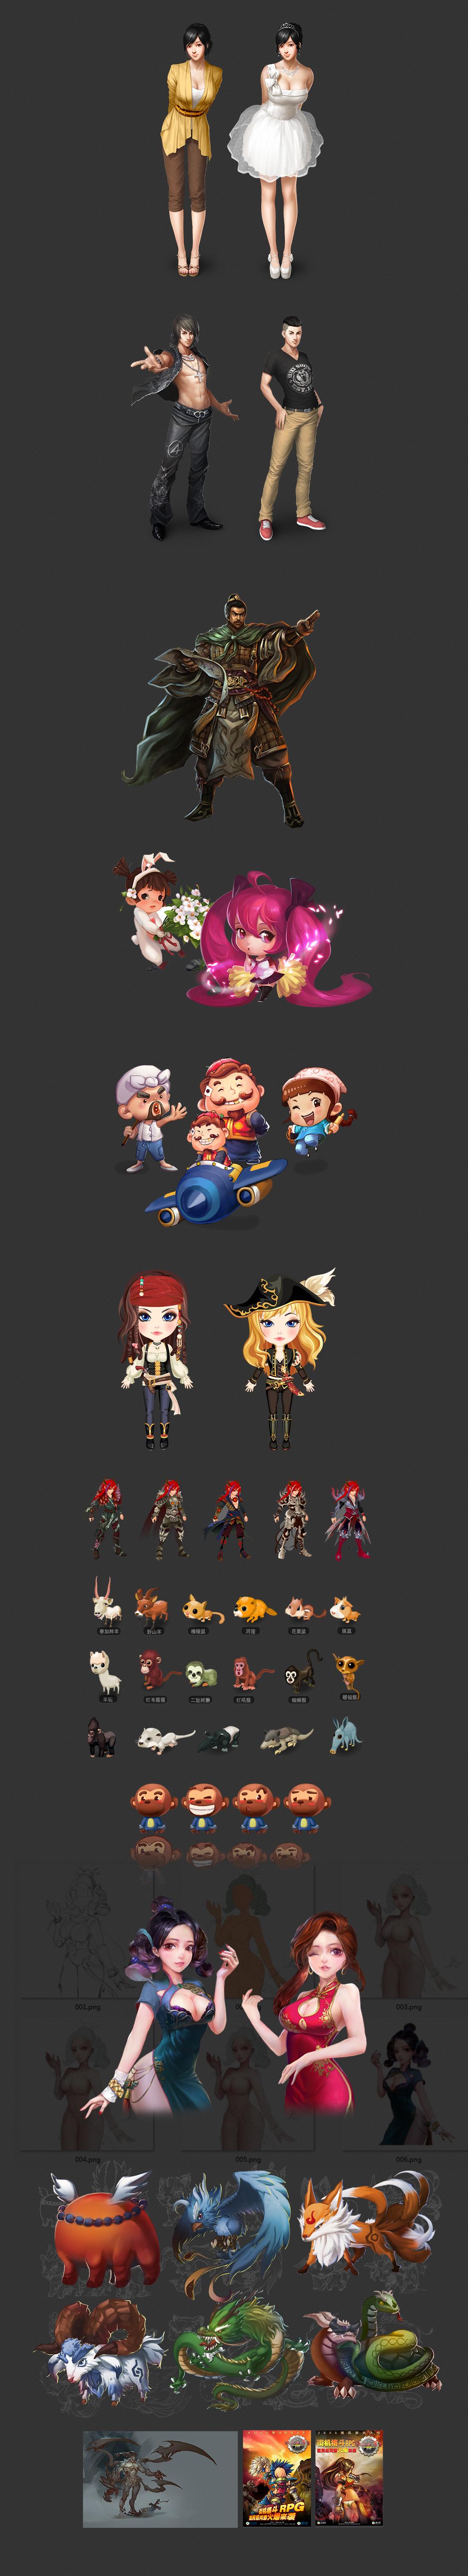 _2D游戏人物角色原画写实卡通可爱怪兽怪物现代形象插画设计3